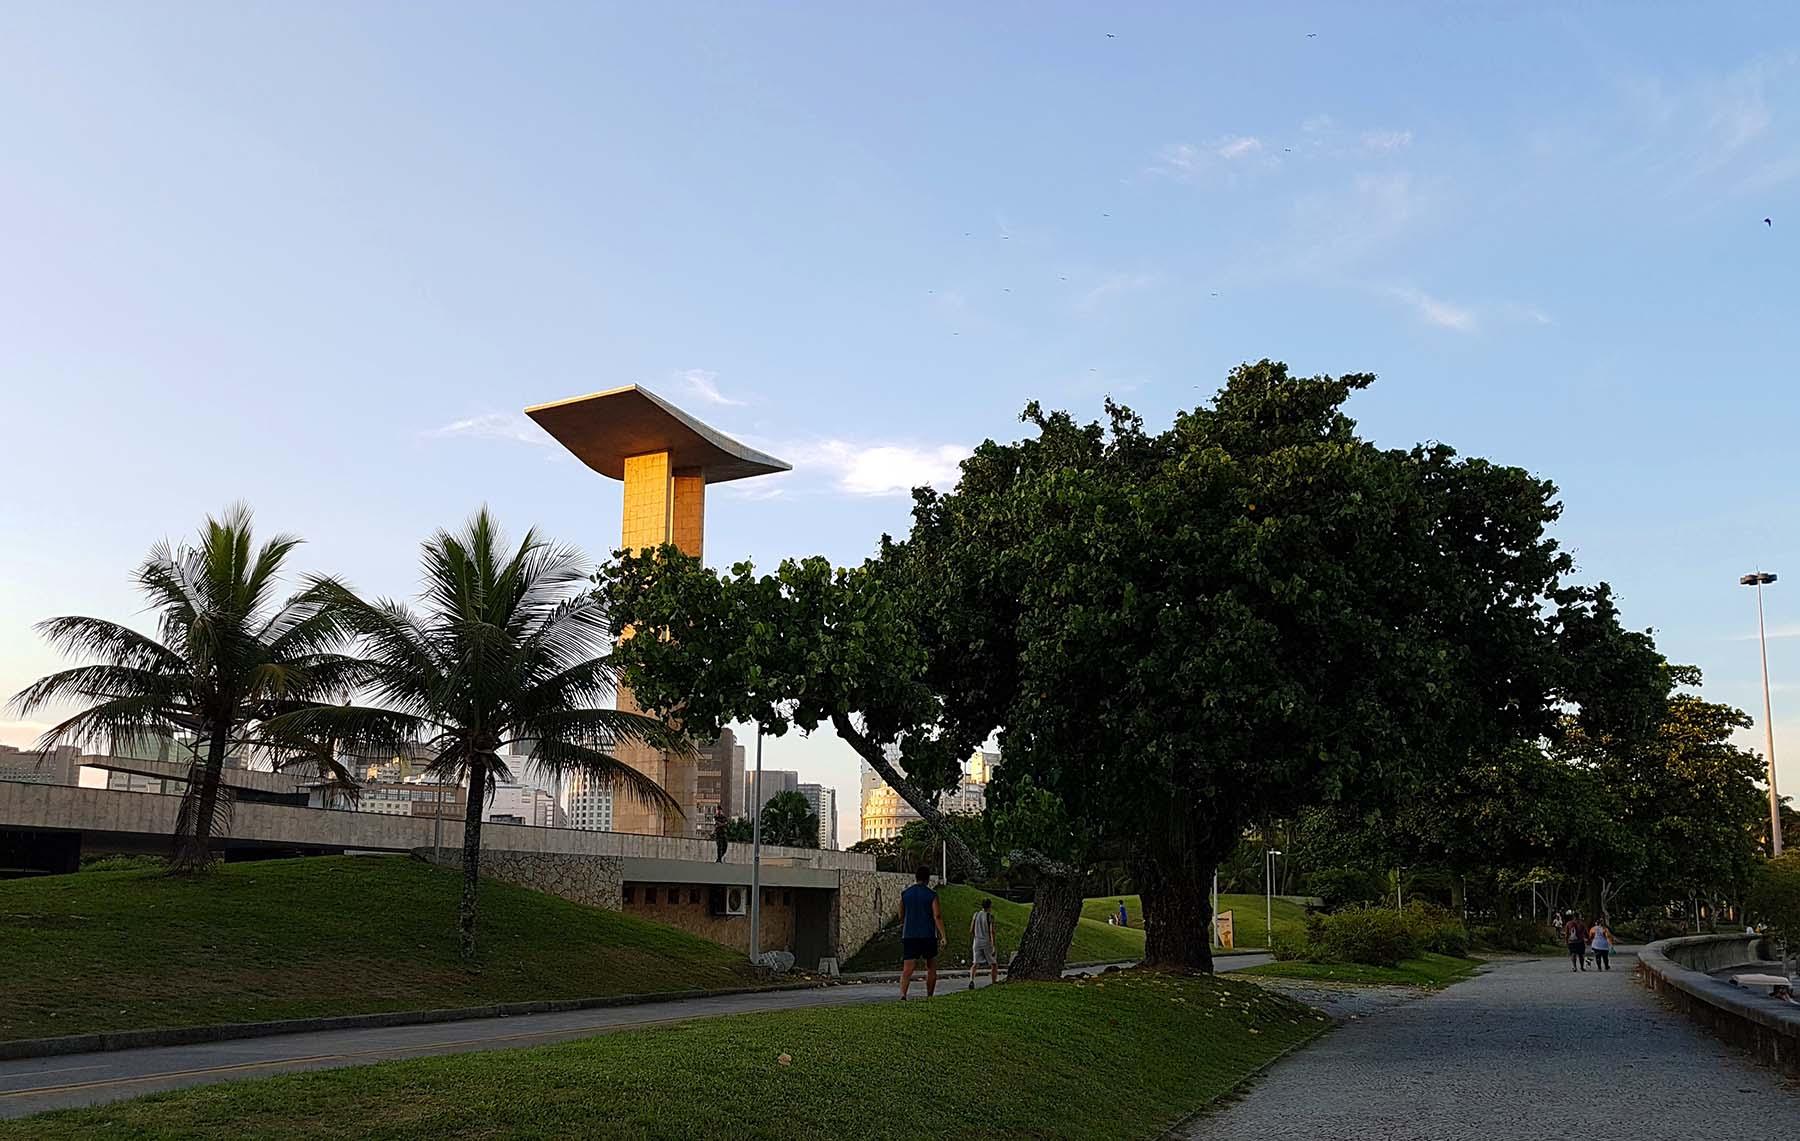 Monumento aos Pracinhas, Aterro do Flamengo,  Rio de Janeiro.